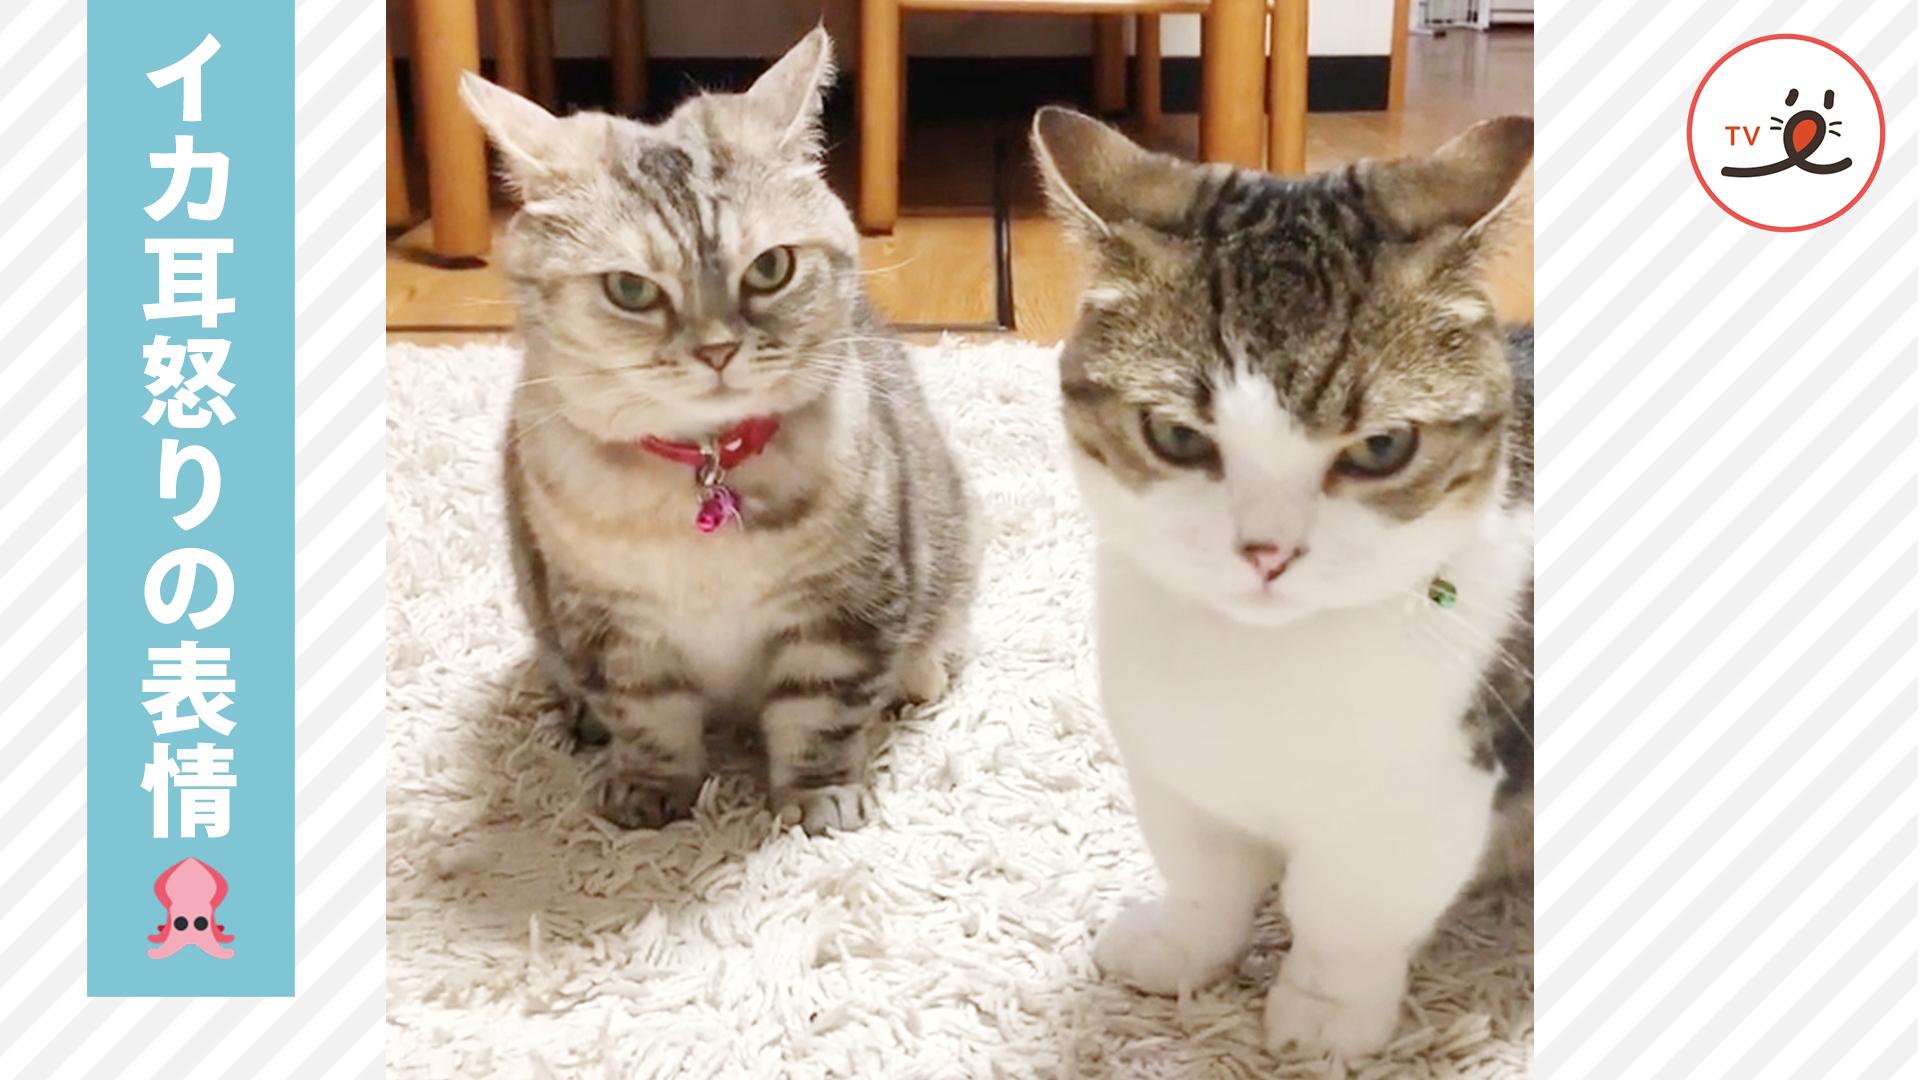 耳をピンと立てる「イカ耳」実は猫一族に受け継がれる奥義イカ耳拳!? 😳